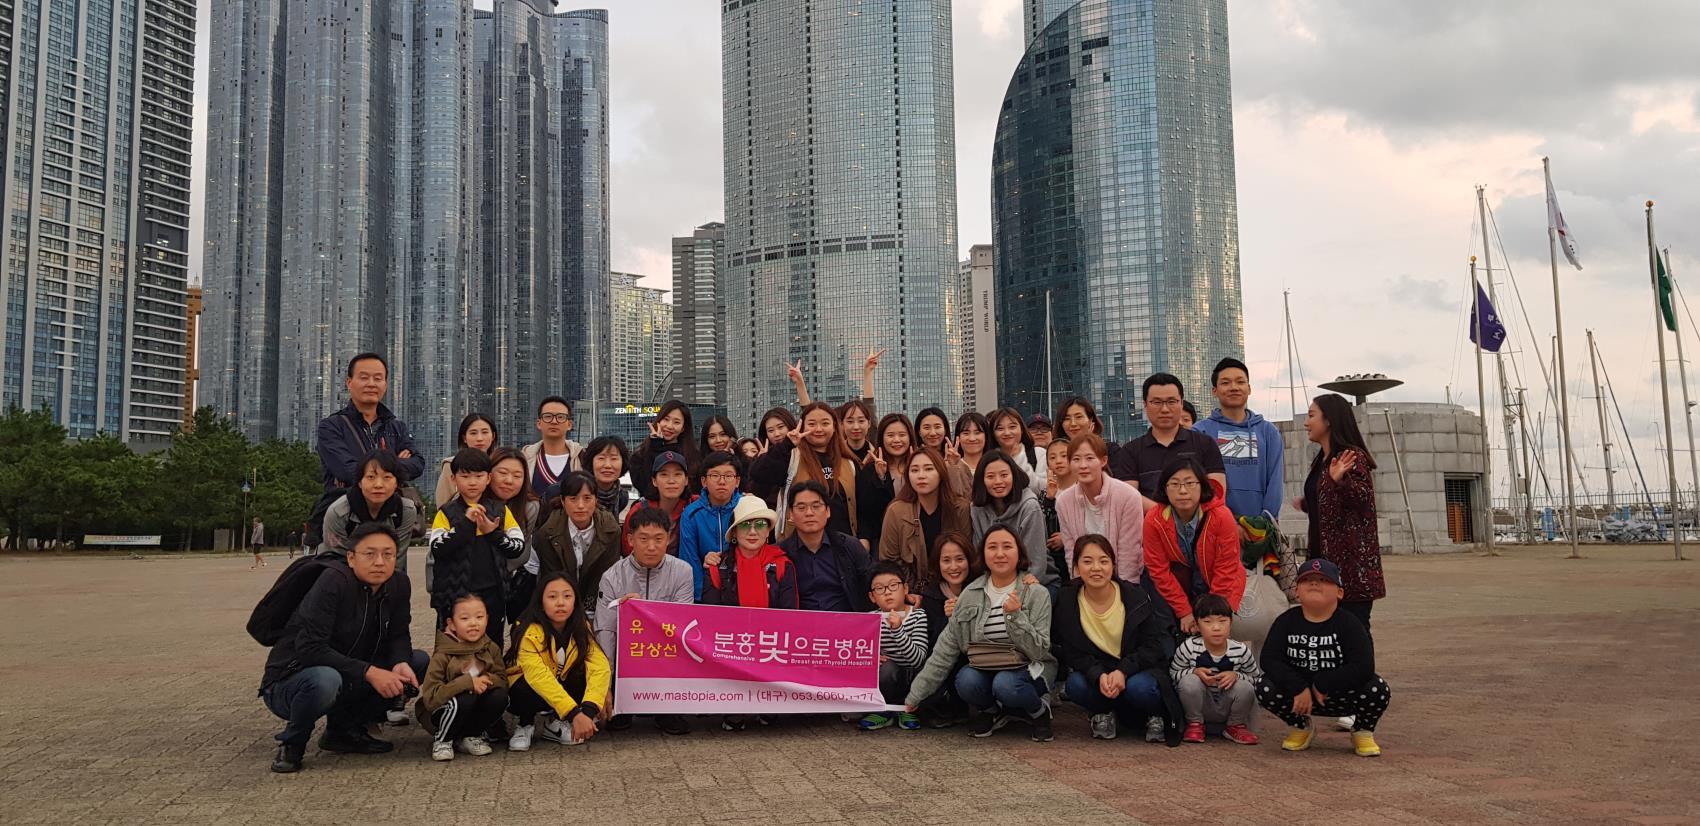 2019년 10월 20일 부산시립미술관, 이기대 트레킹, 해운대요트투어에 다녀왔습니다.